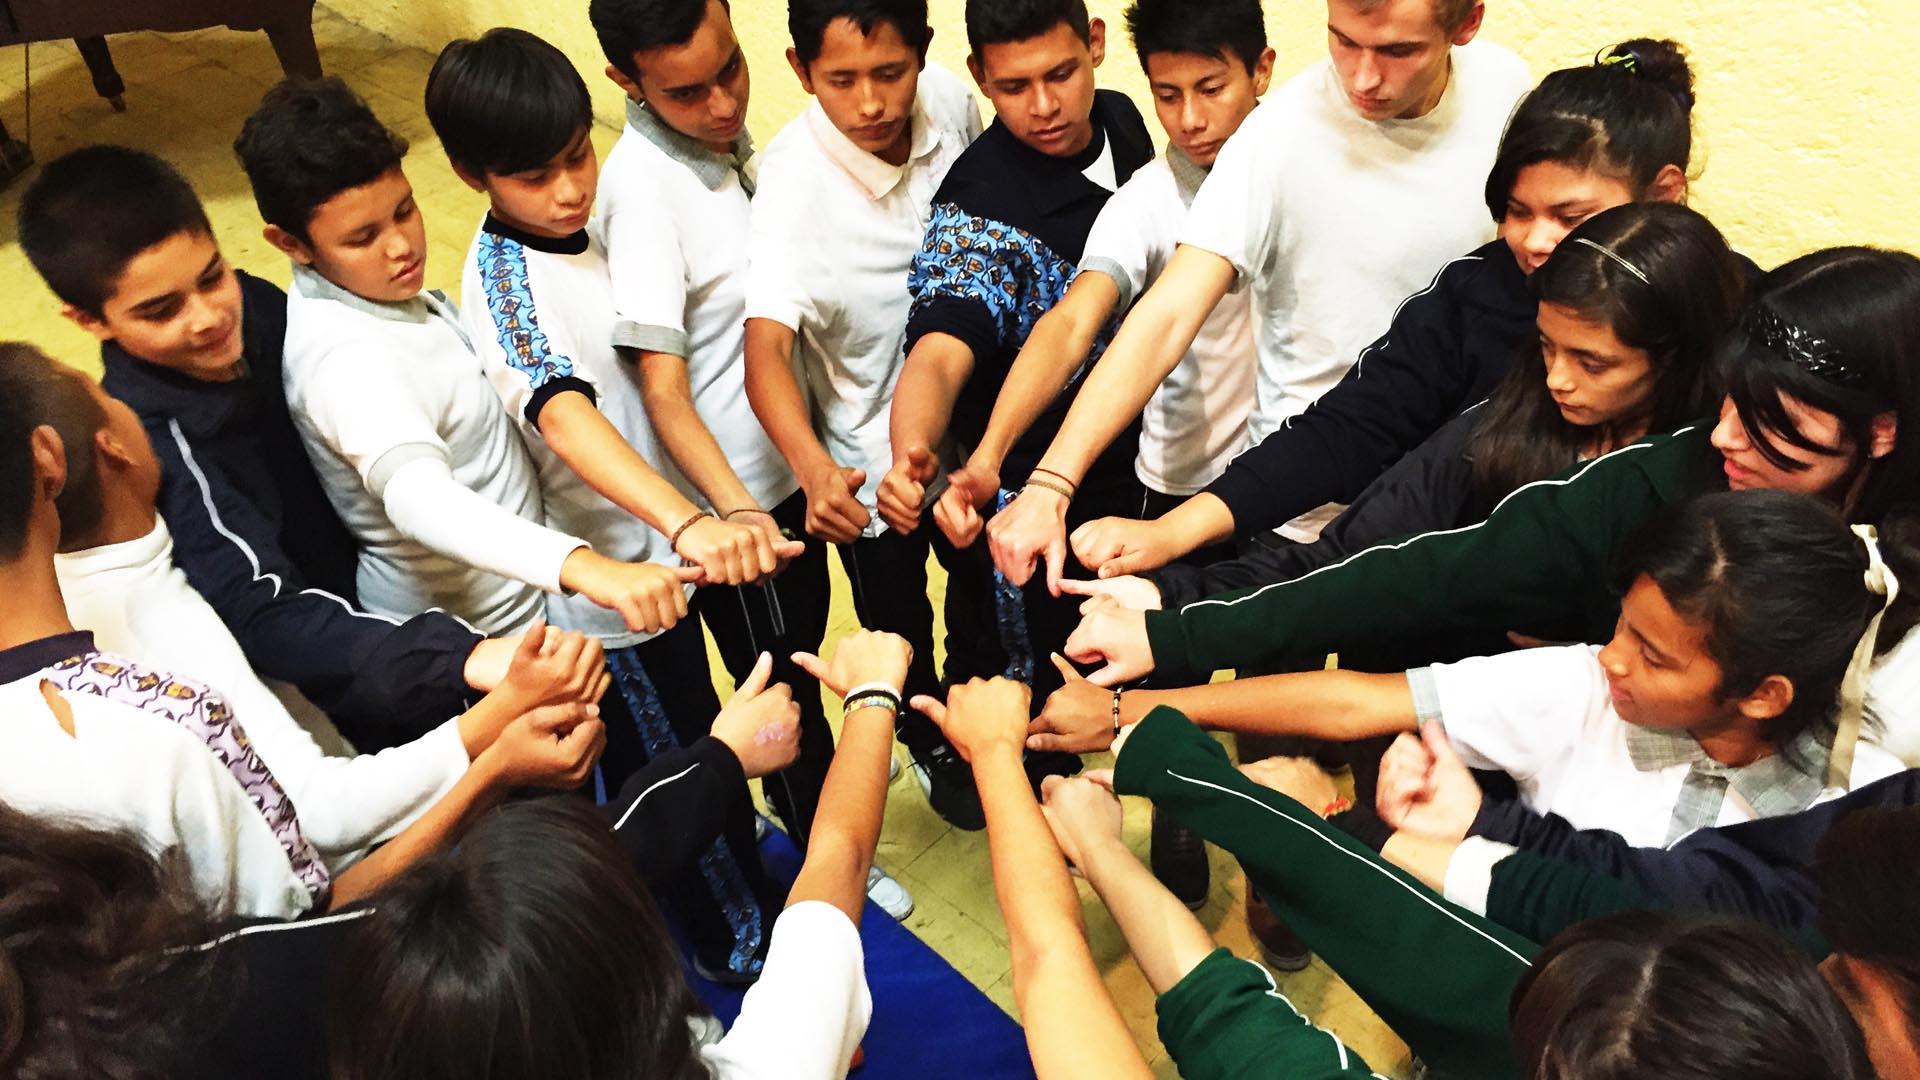 """Bajo el programa """"Ángel de la Guardia"""" los más pequeños recibirán clases de cómo actuar ante terremotos, tsunamis, incendios y demás"""